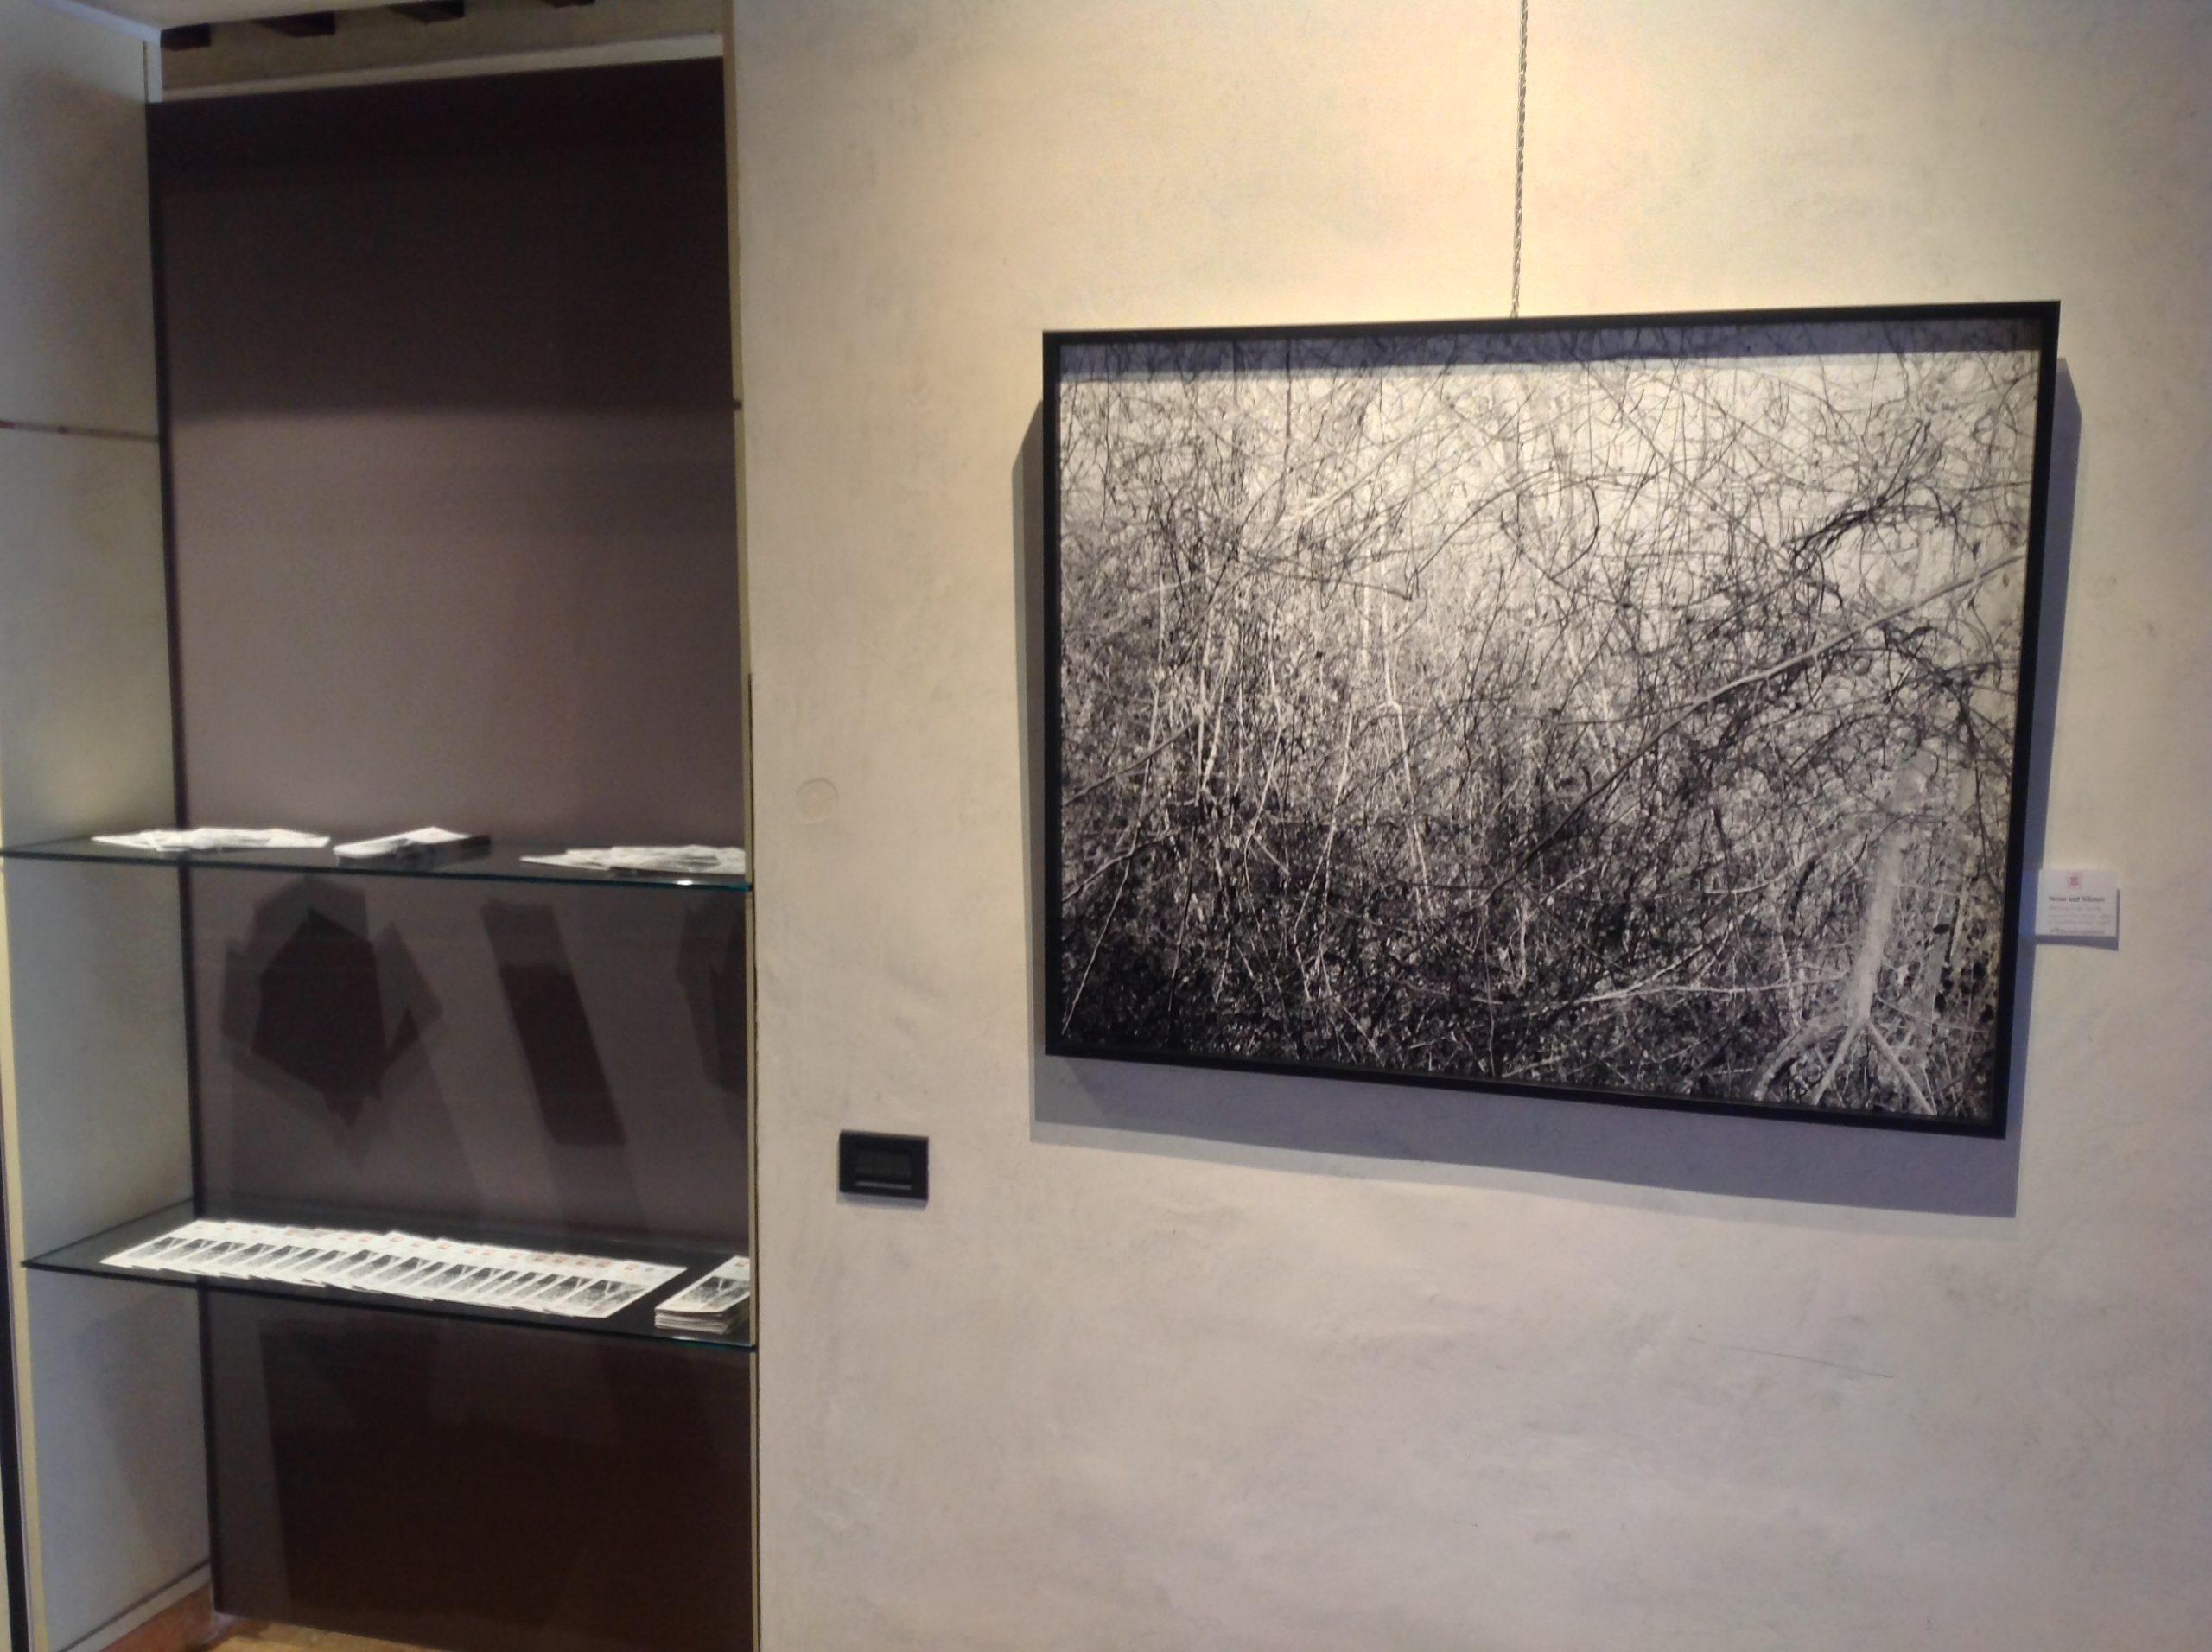 Riccardo Squillantini, Rumori silenziosi, mostra personale, a cura di Alain Chivilò_Casa dei Carraresi_Treviso (8)